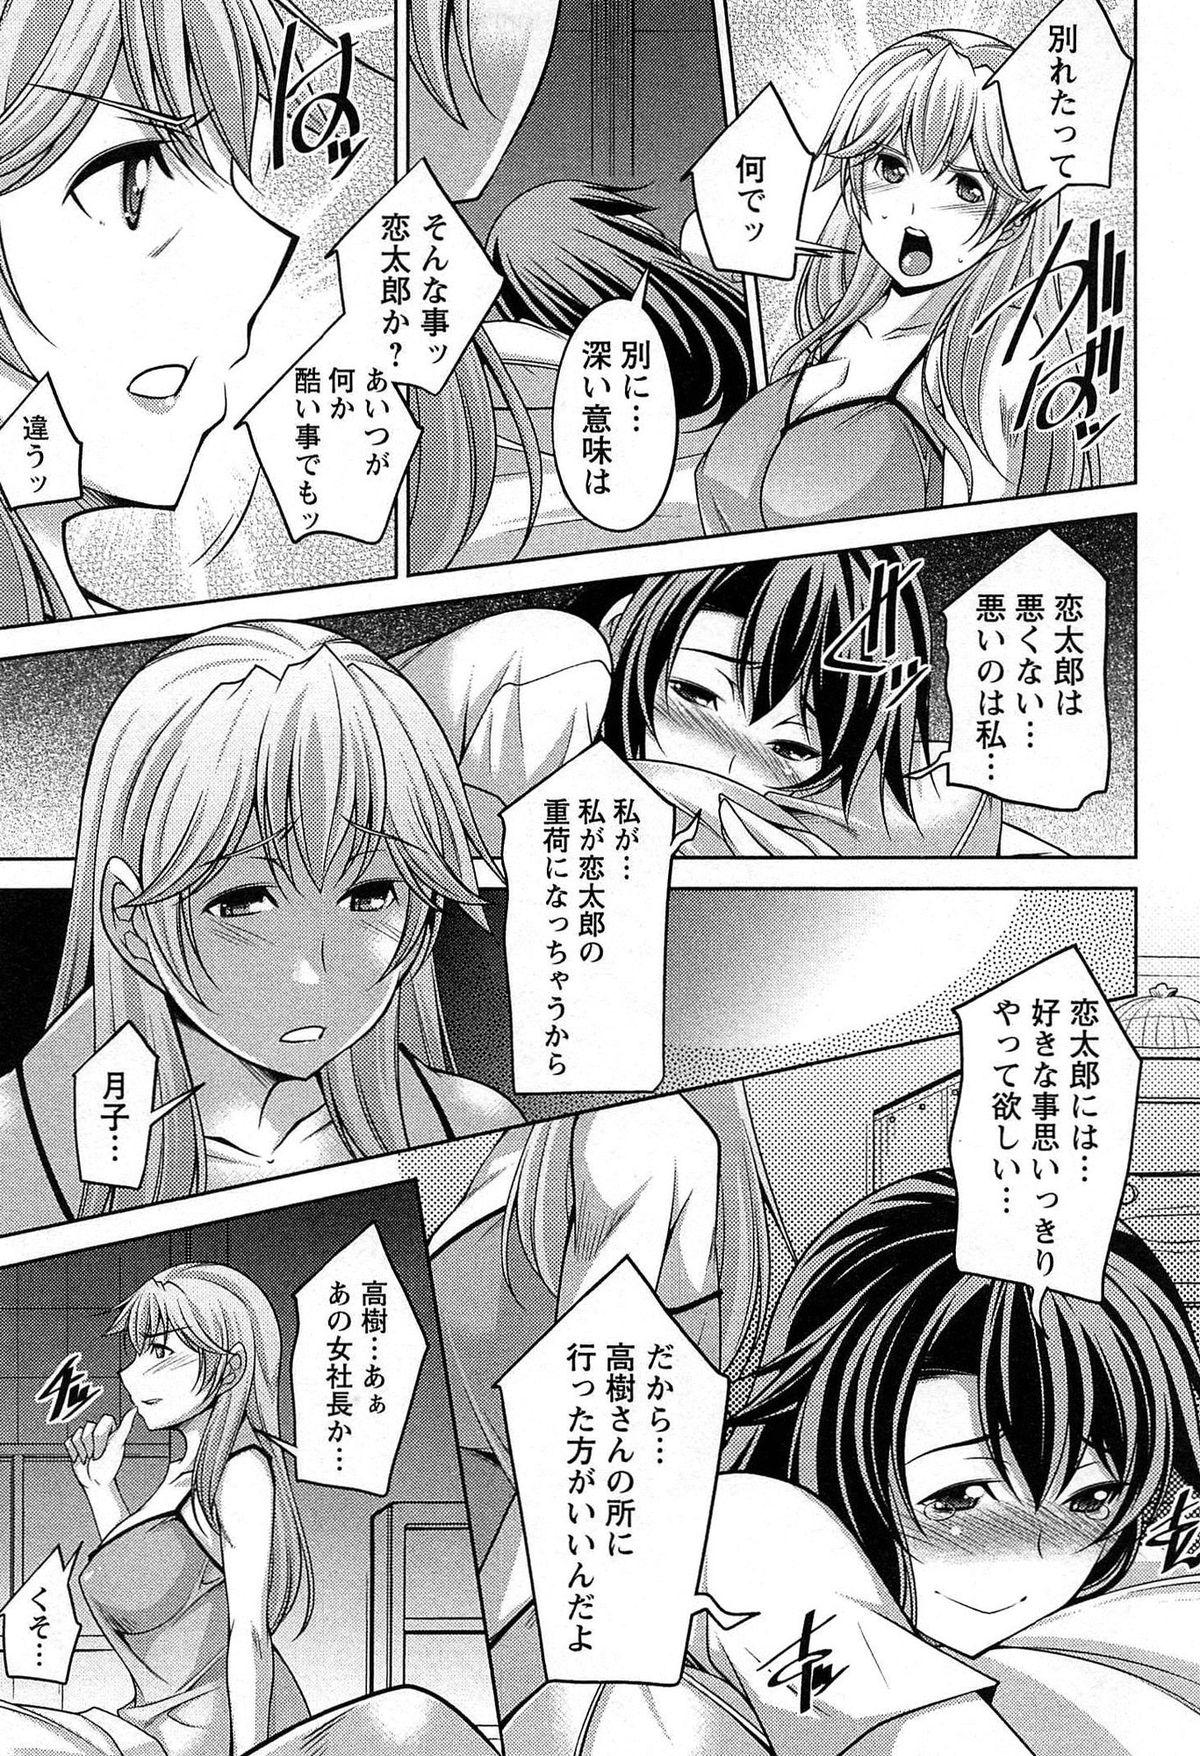 [zen9] Tsuki-wo Ai-Shite - Tsuki-ni Koi-shite 2 155